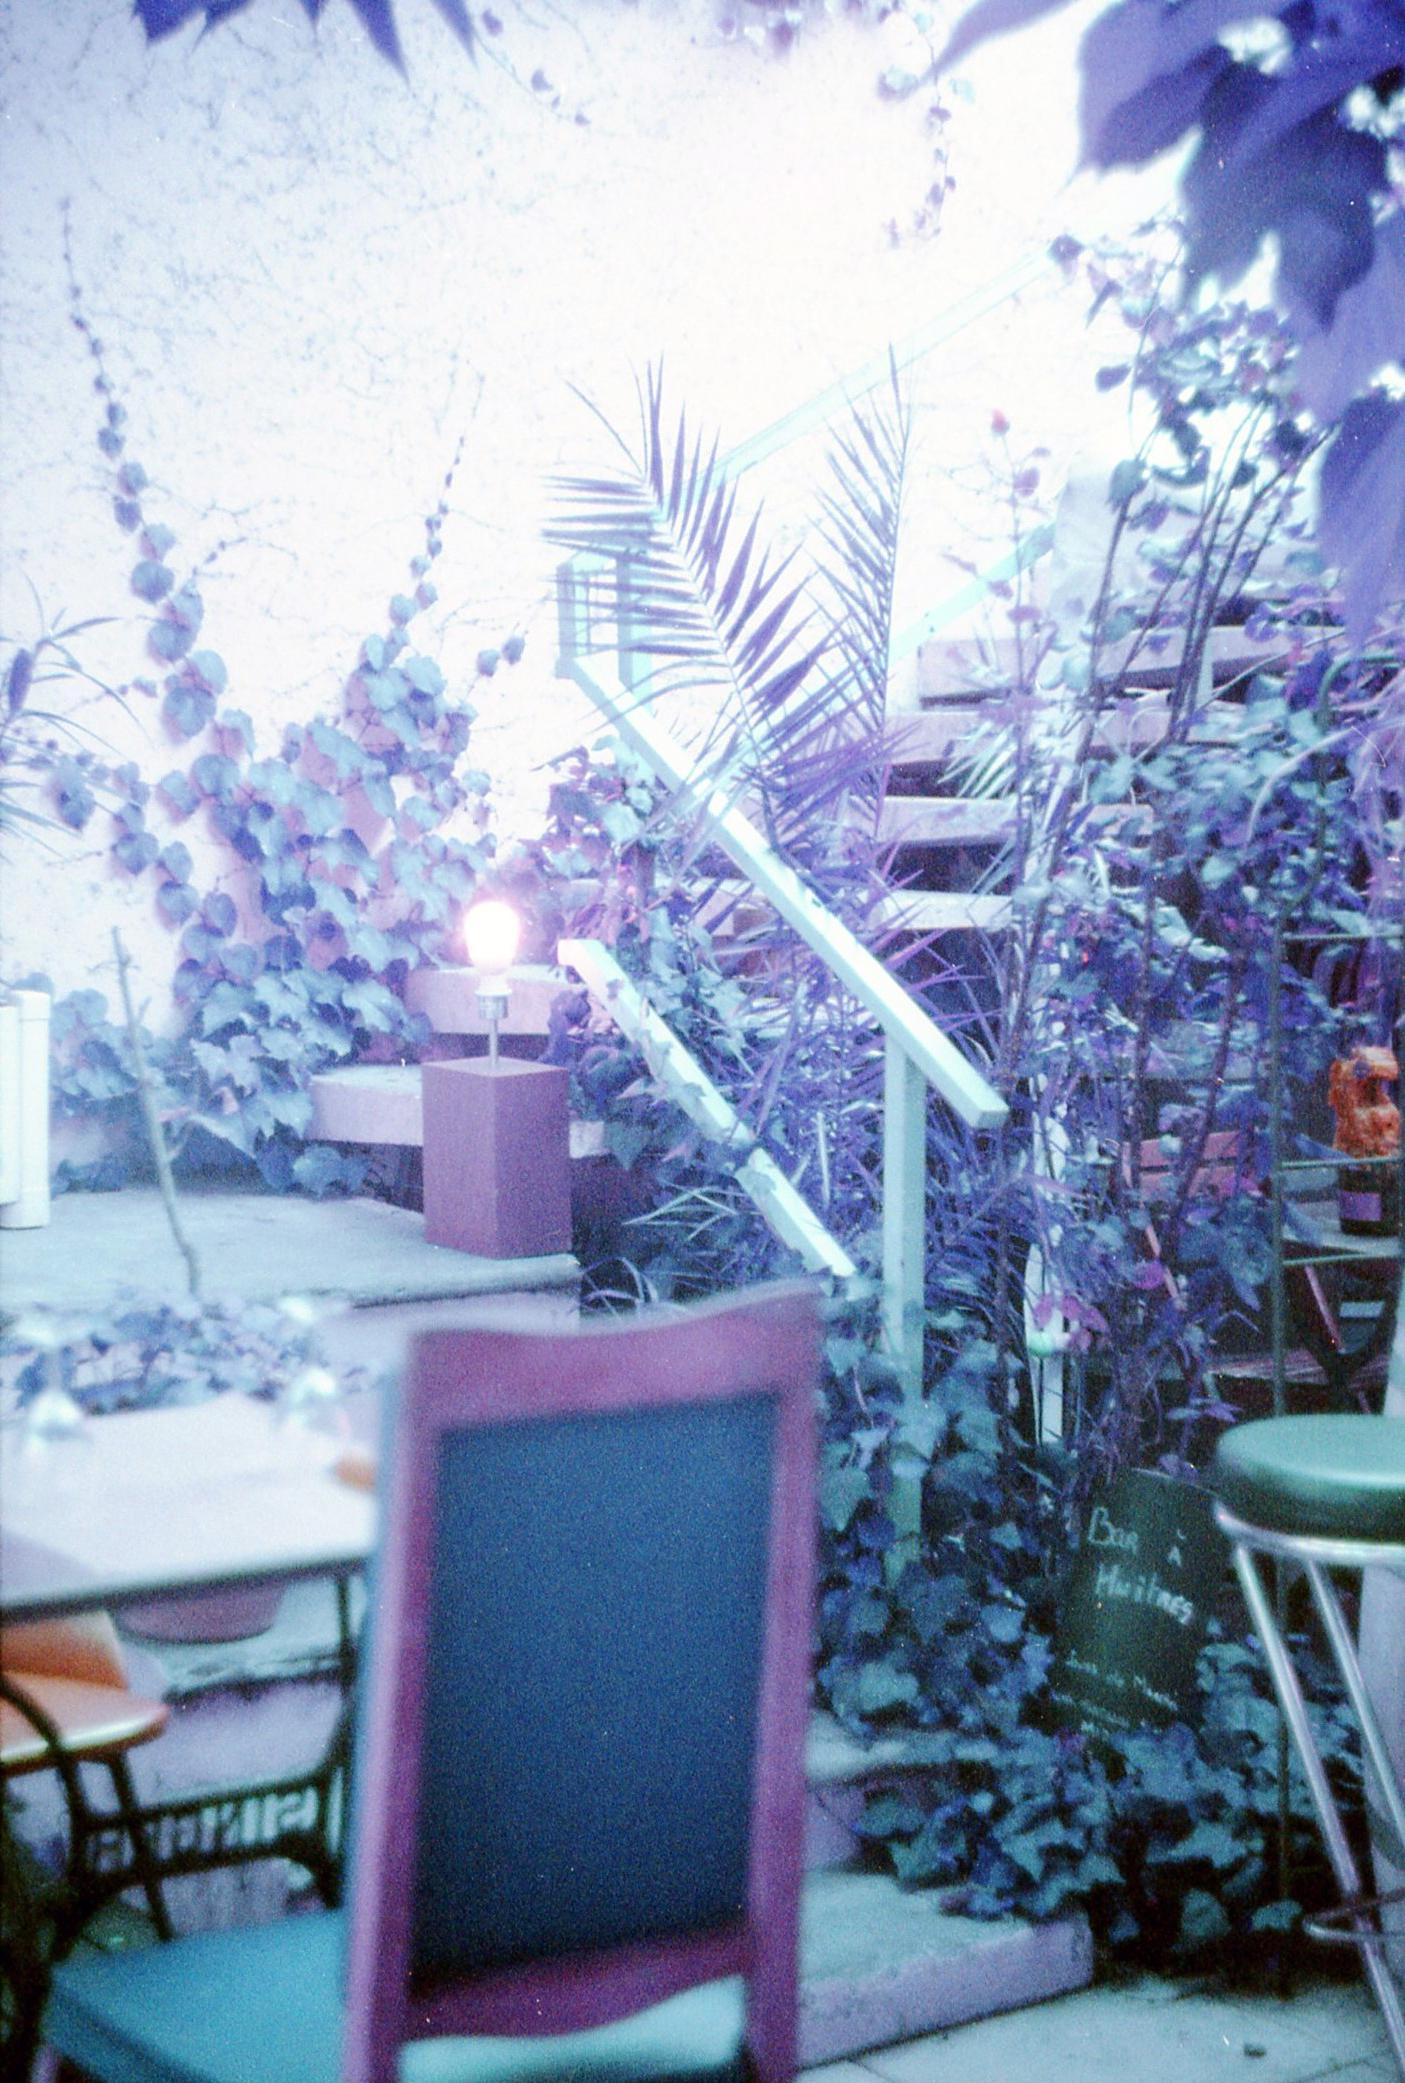 poulette-magique-purple-lomography-2